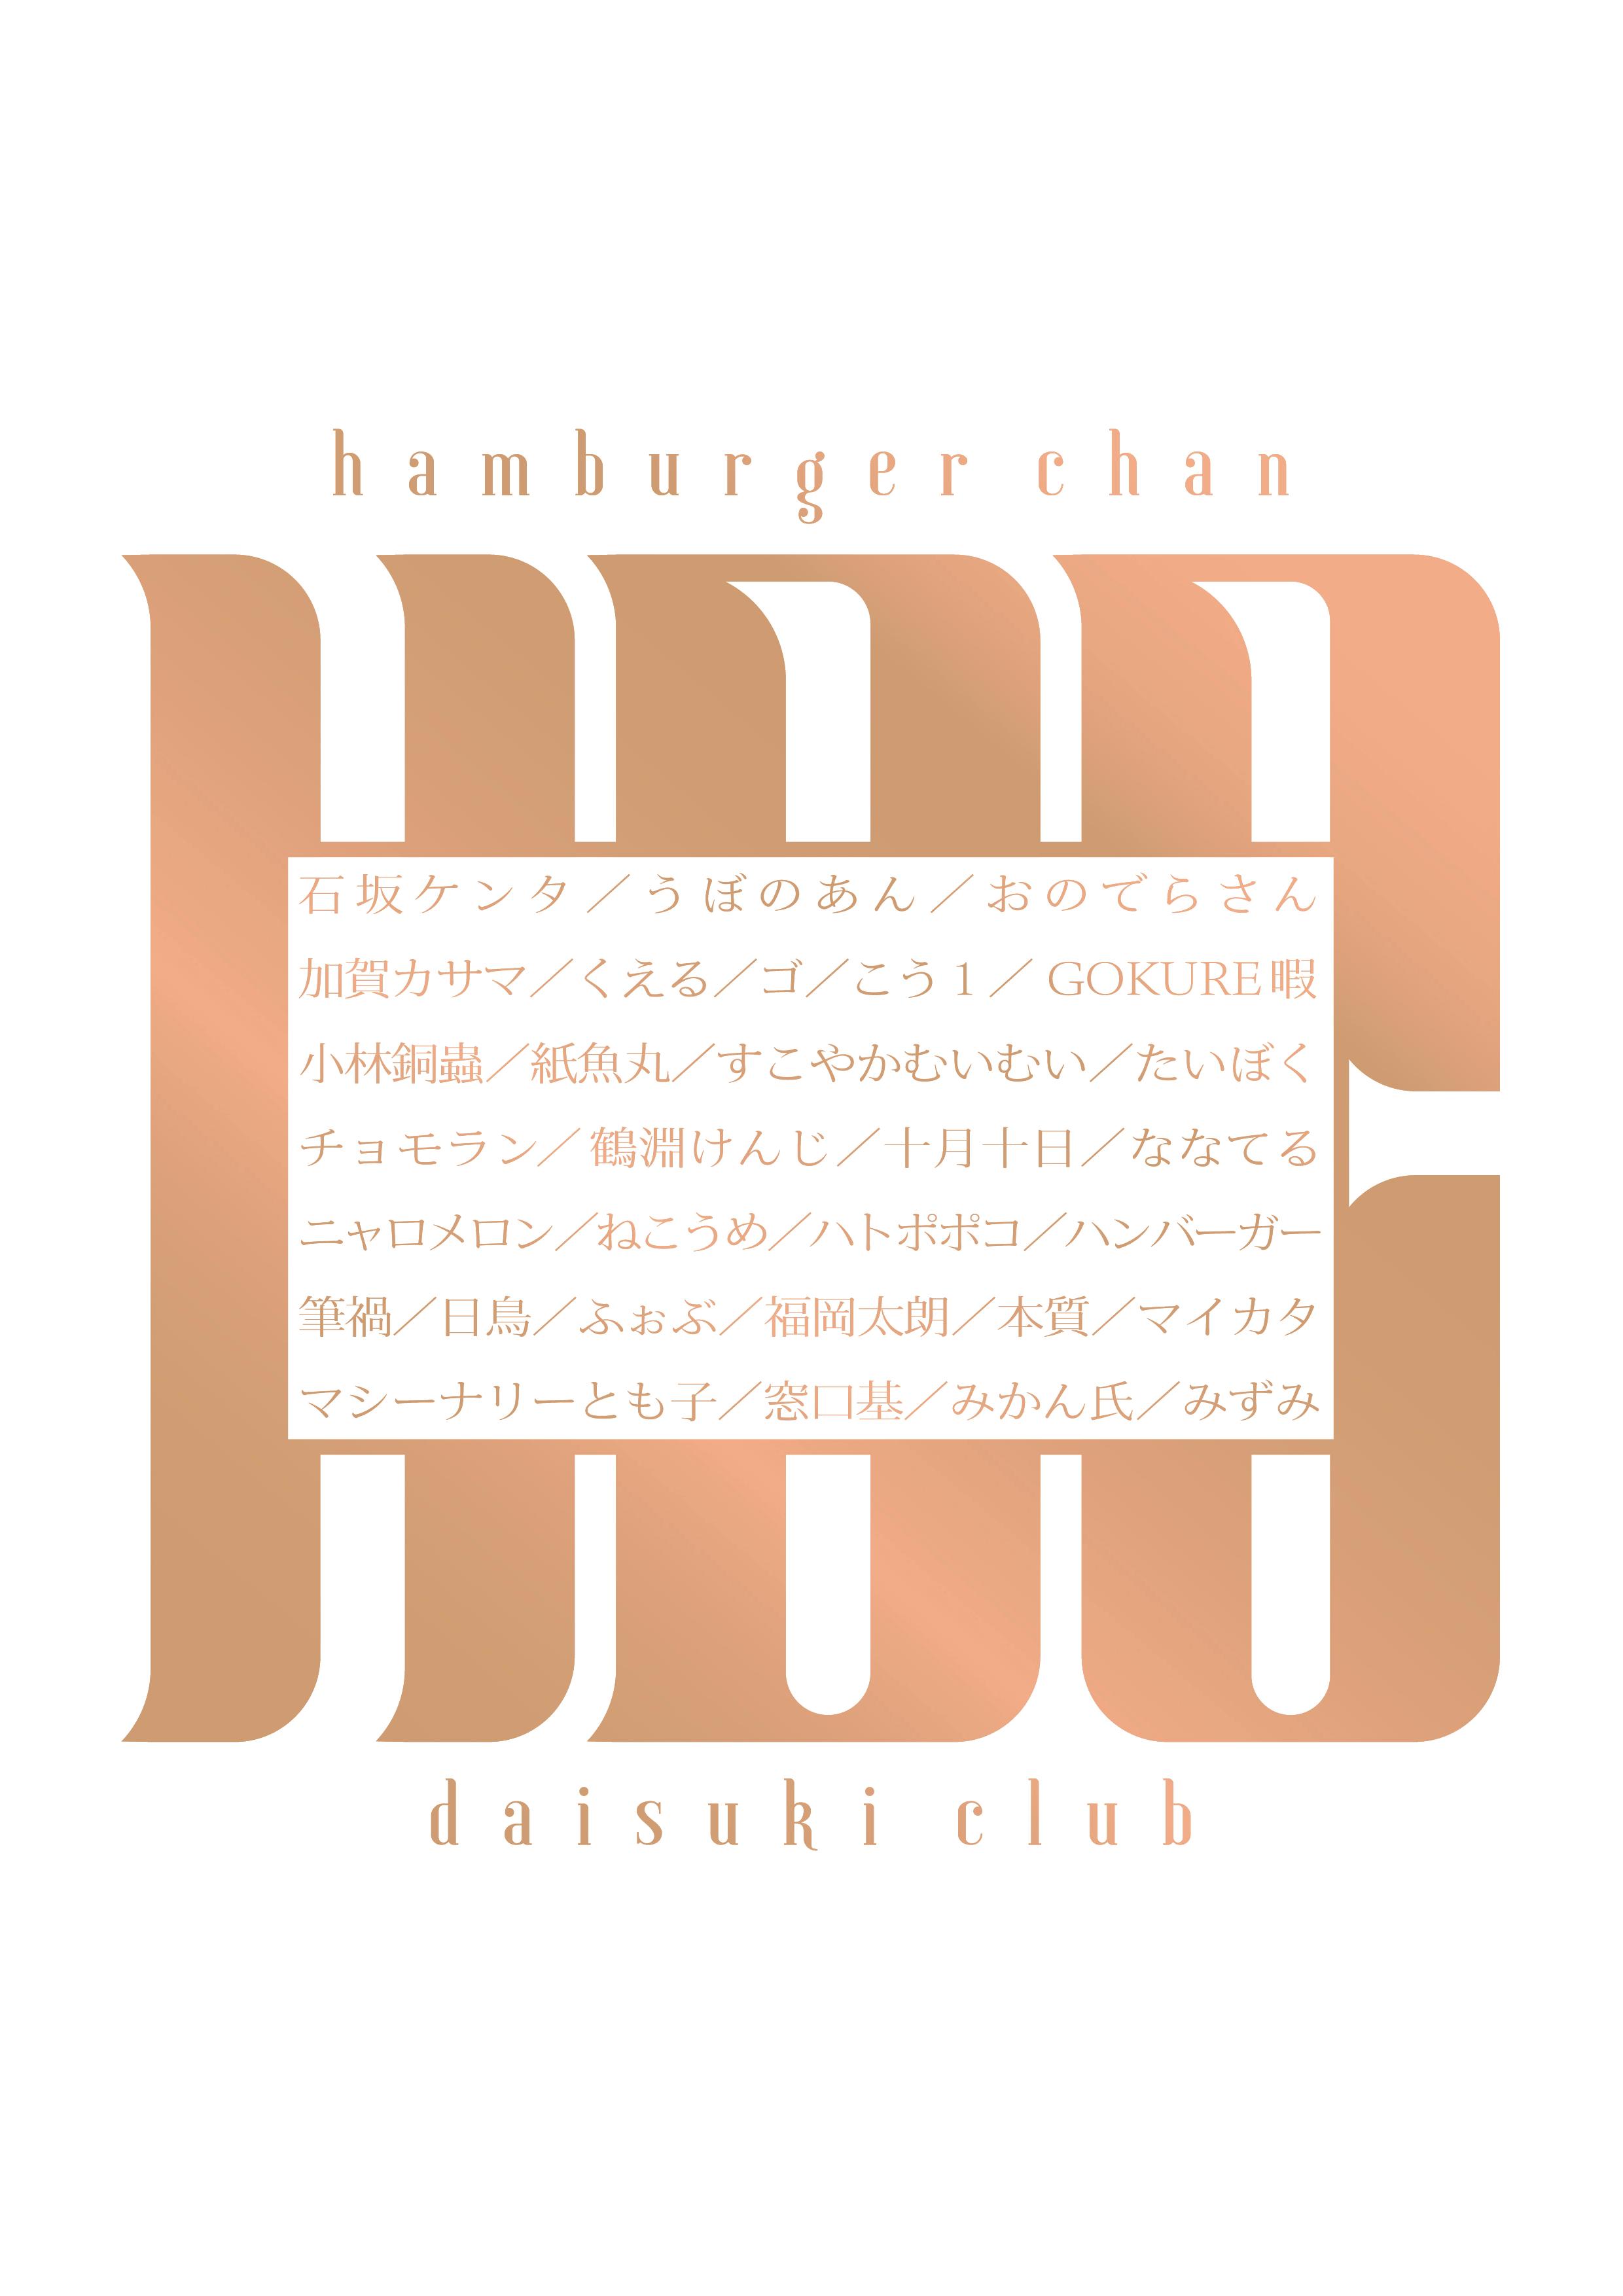 HDC -ハンバーガーちゃん大好きクラブ-